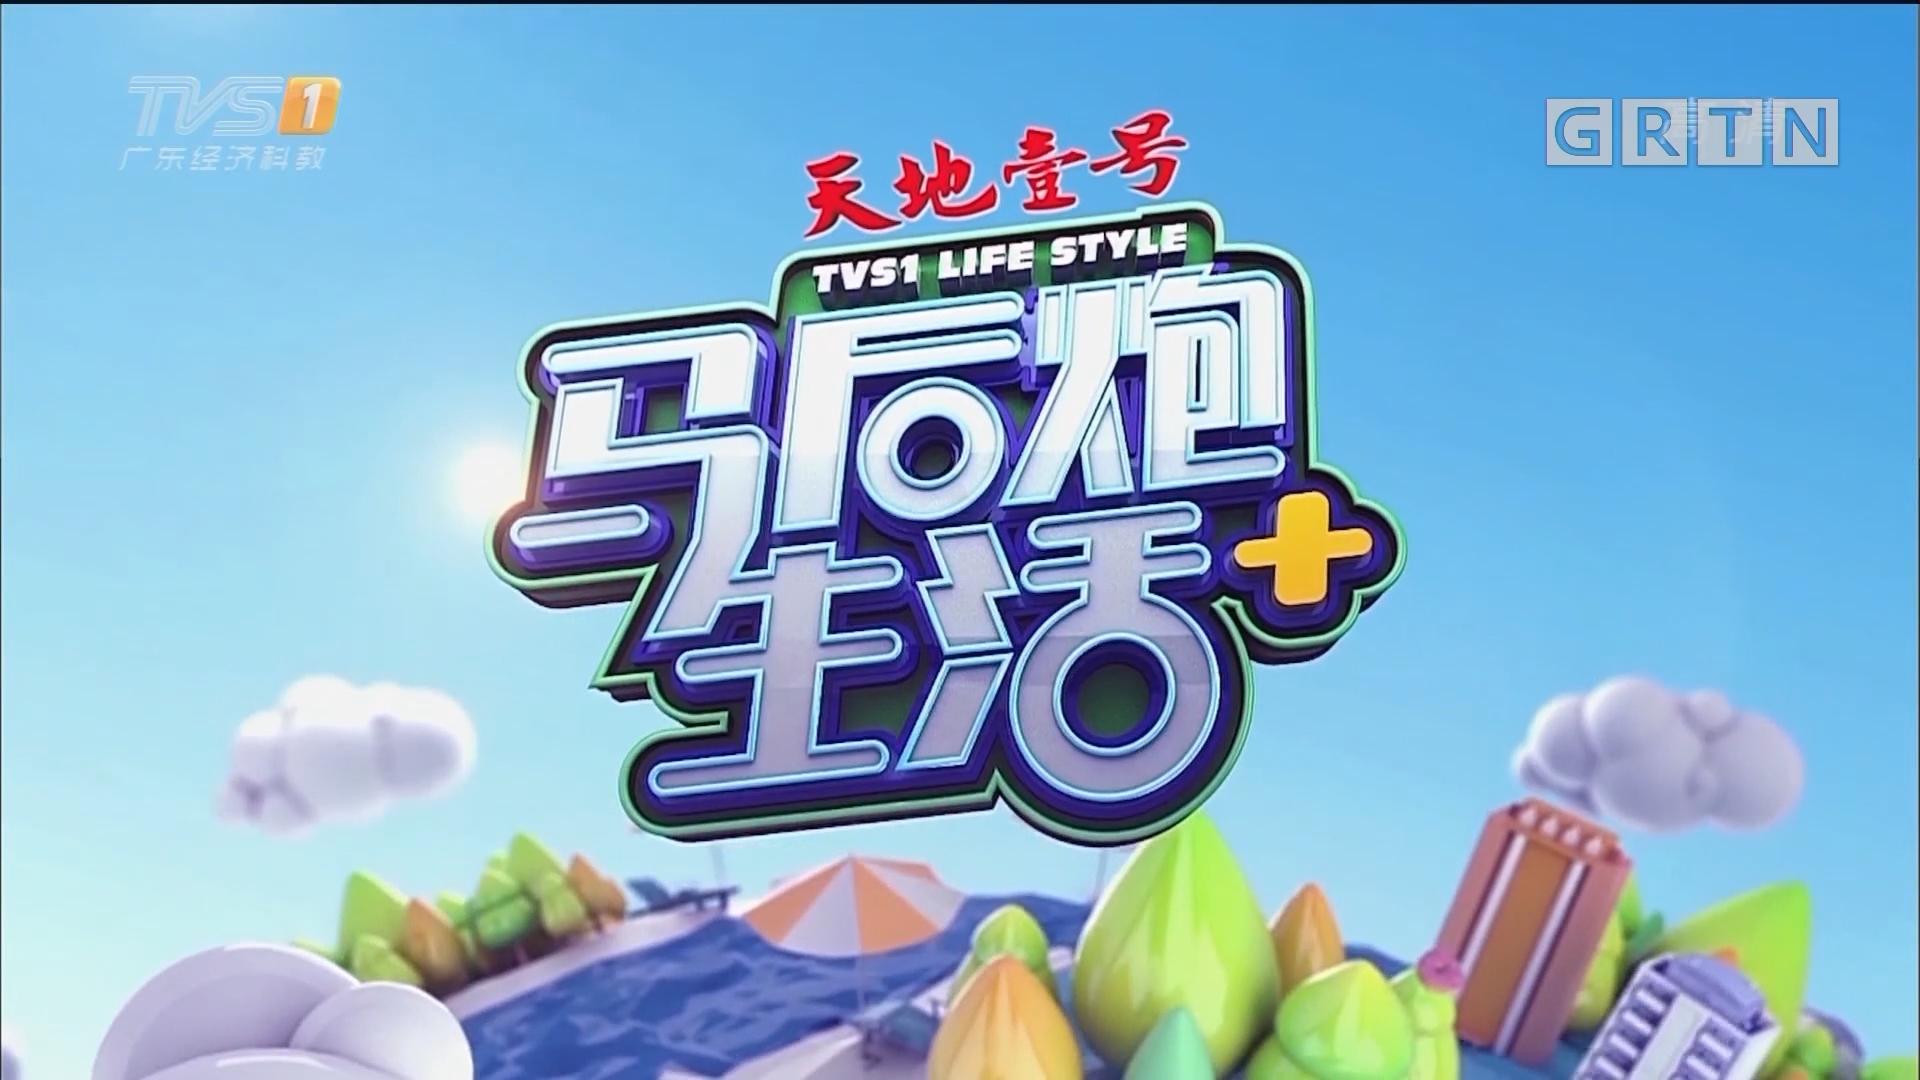 [HD][2019-09-03]马后炮生活+美食特攻:蛋清豆腐蒸螃蟹